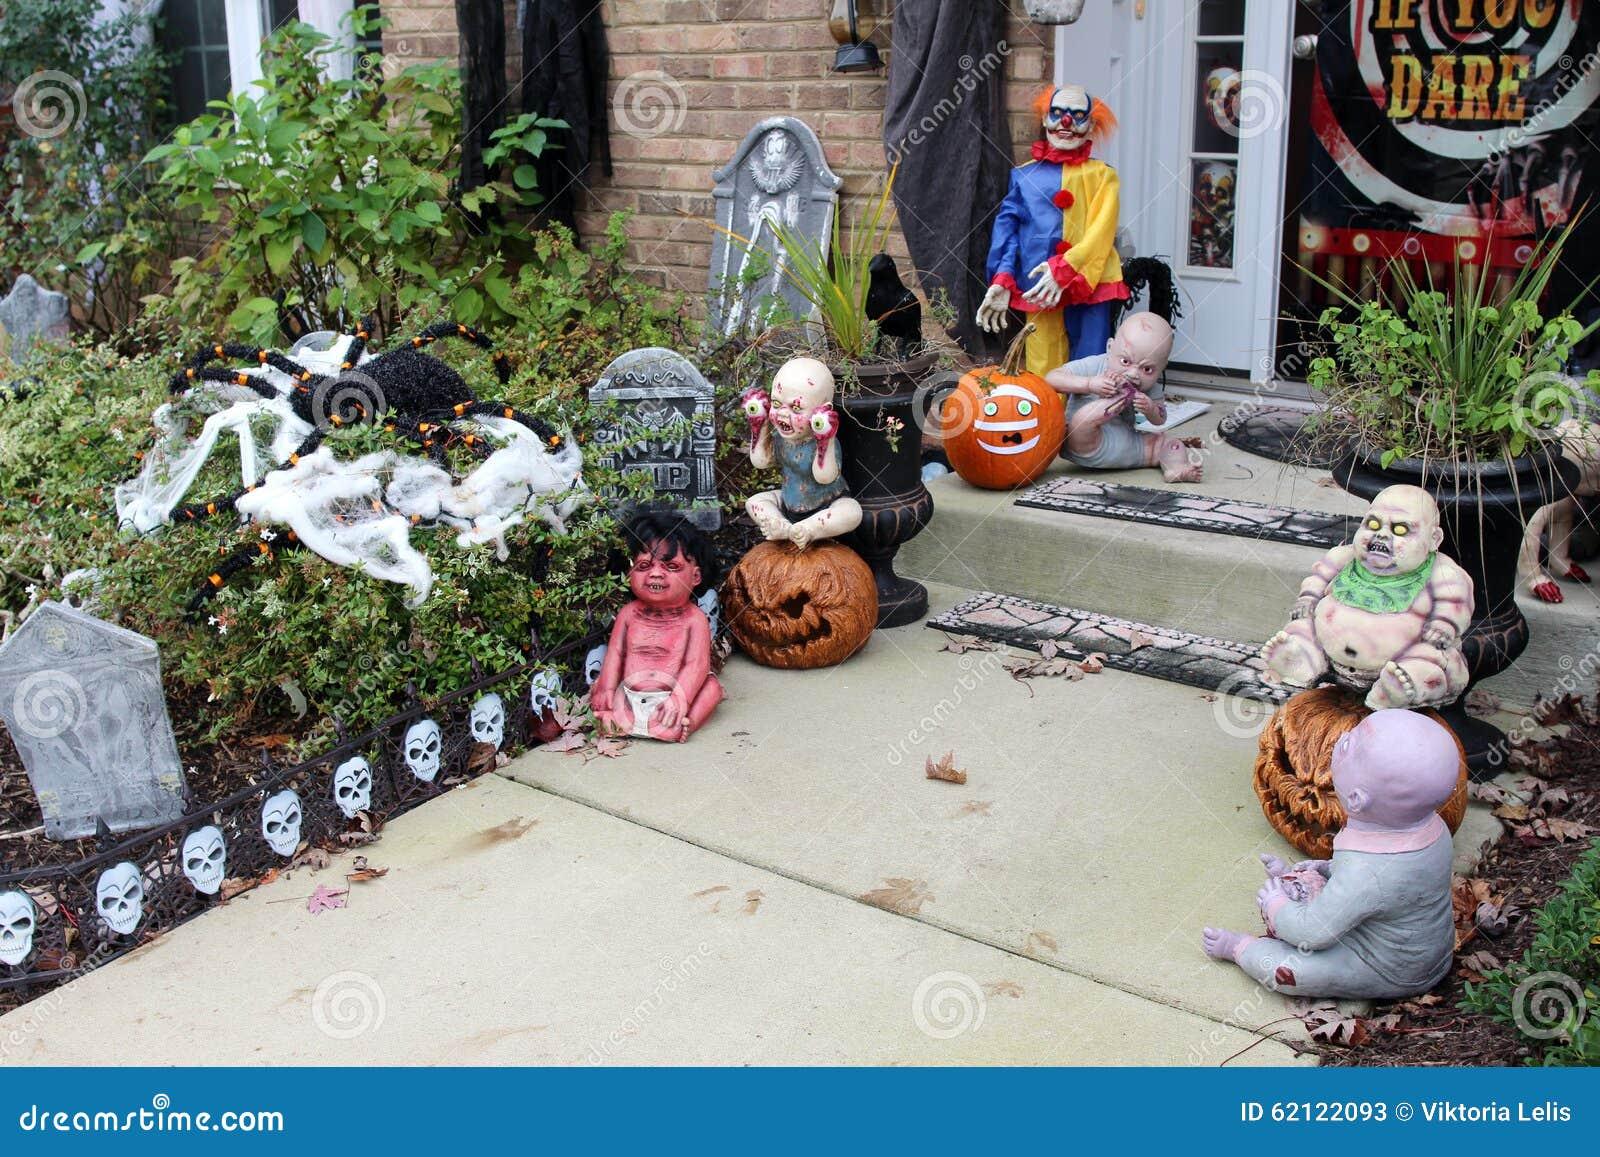 Halloween Front Door Decorations Stock Image Image Of Season